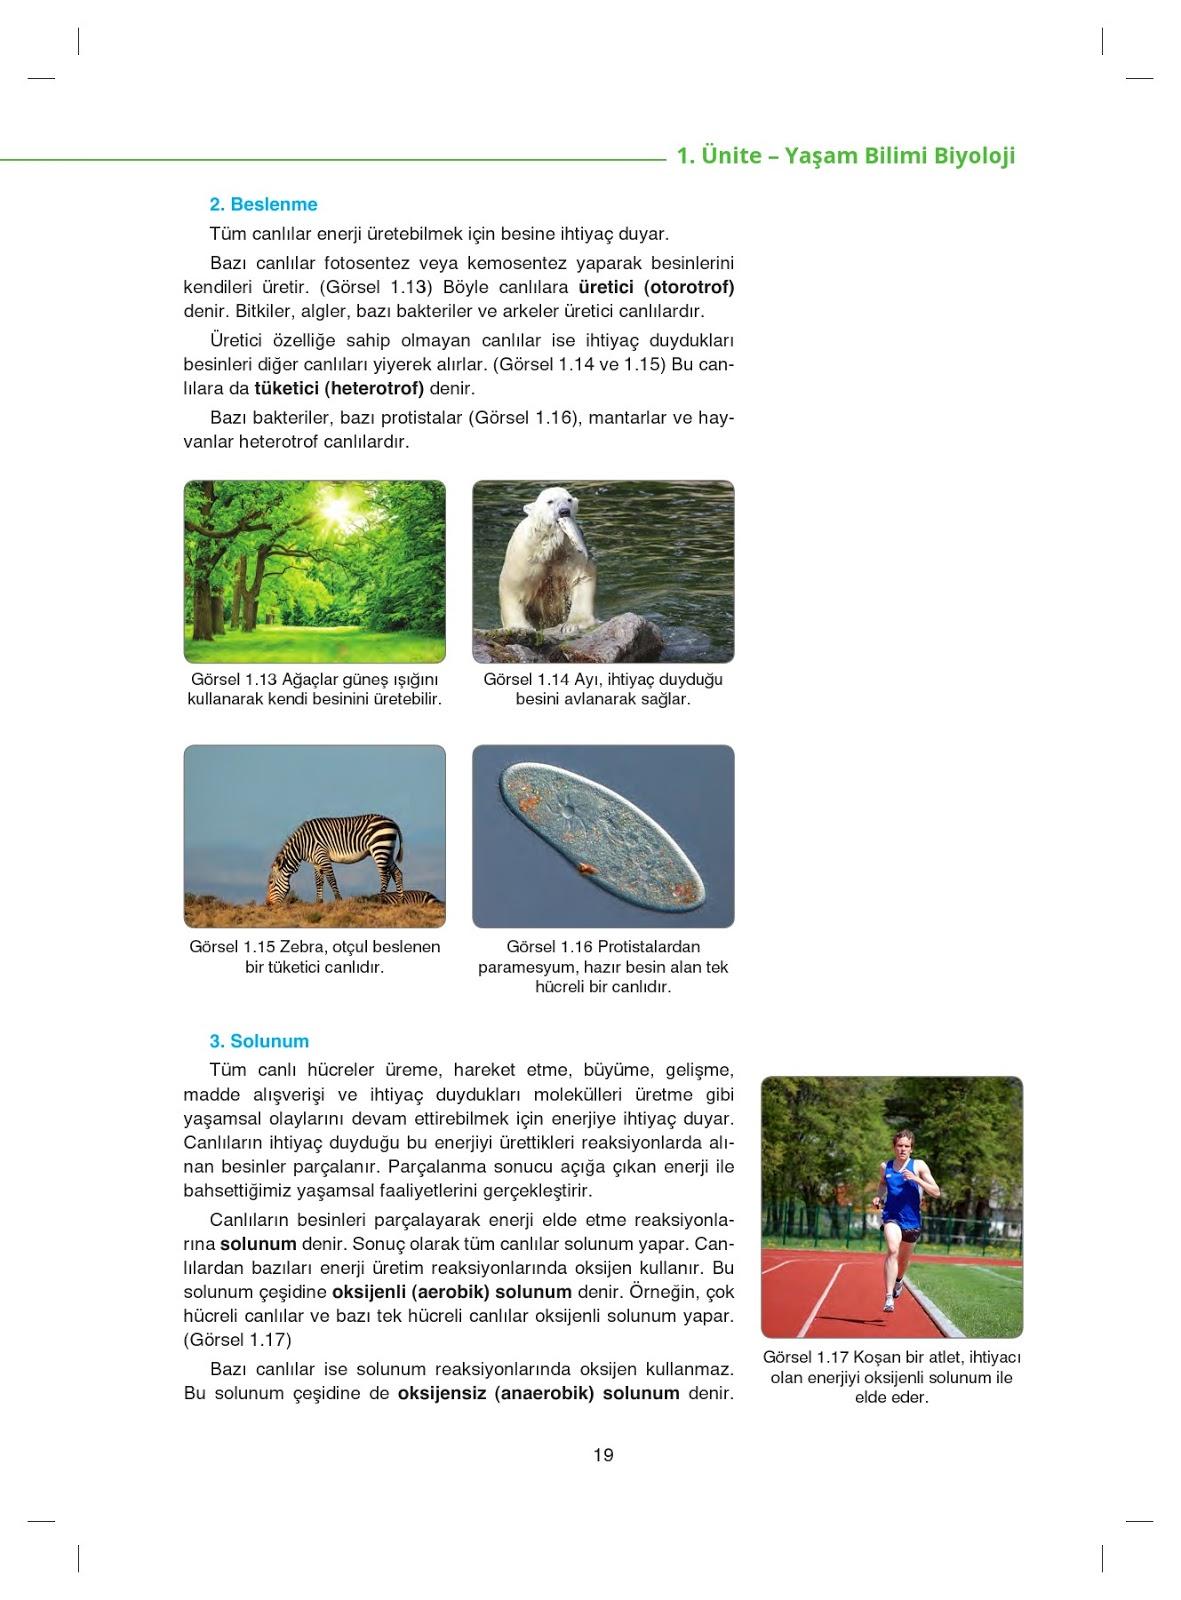 9 Sınıf Biyoloji Ders Kitabı Cevapları Netbil Yayınları Ata